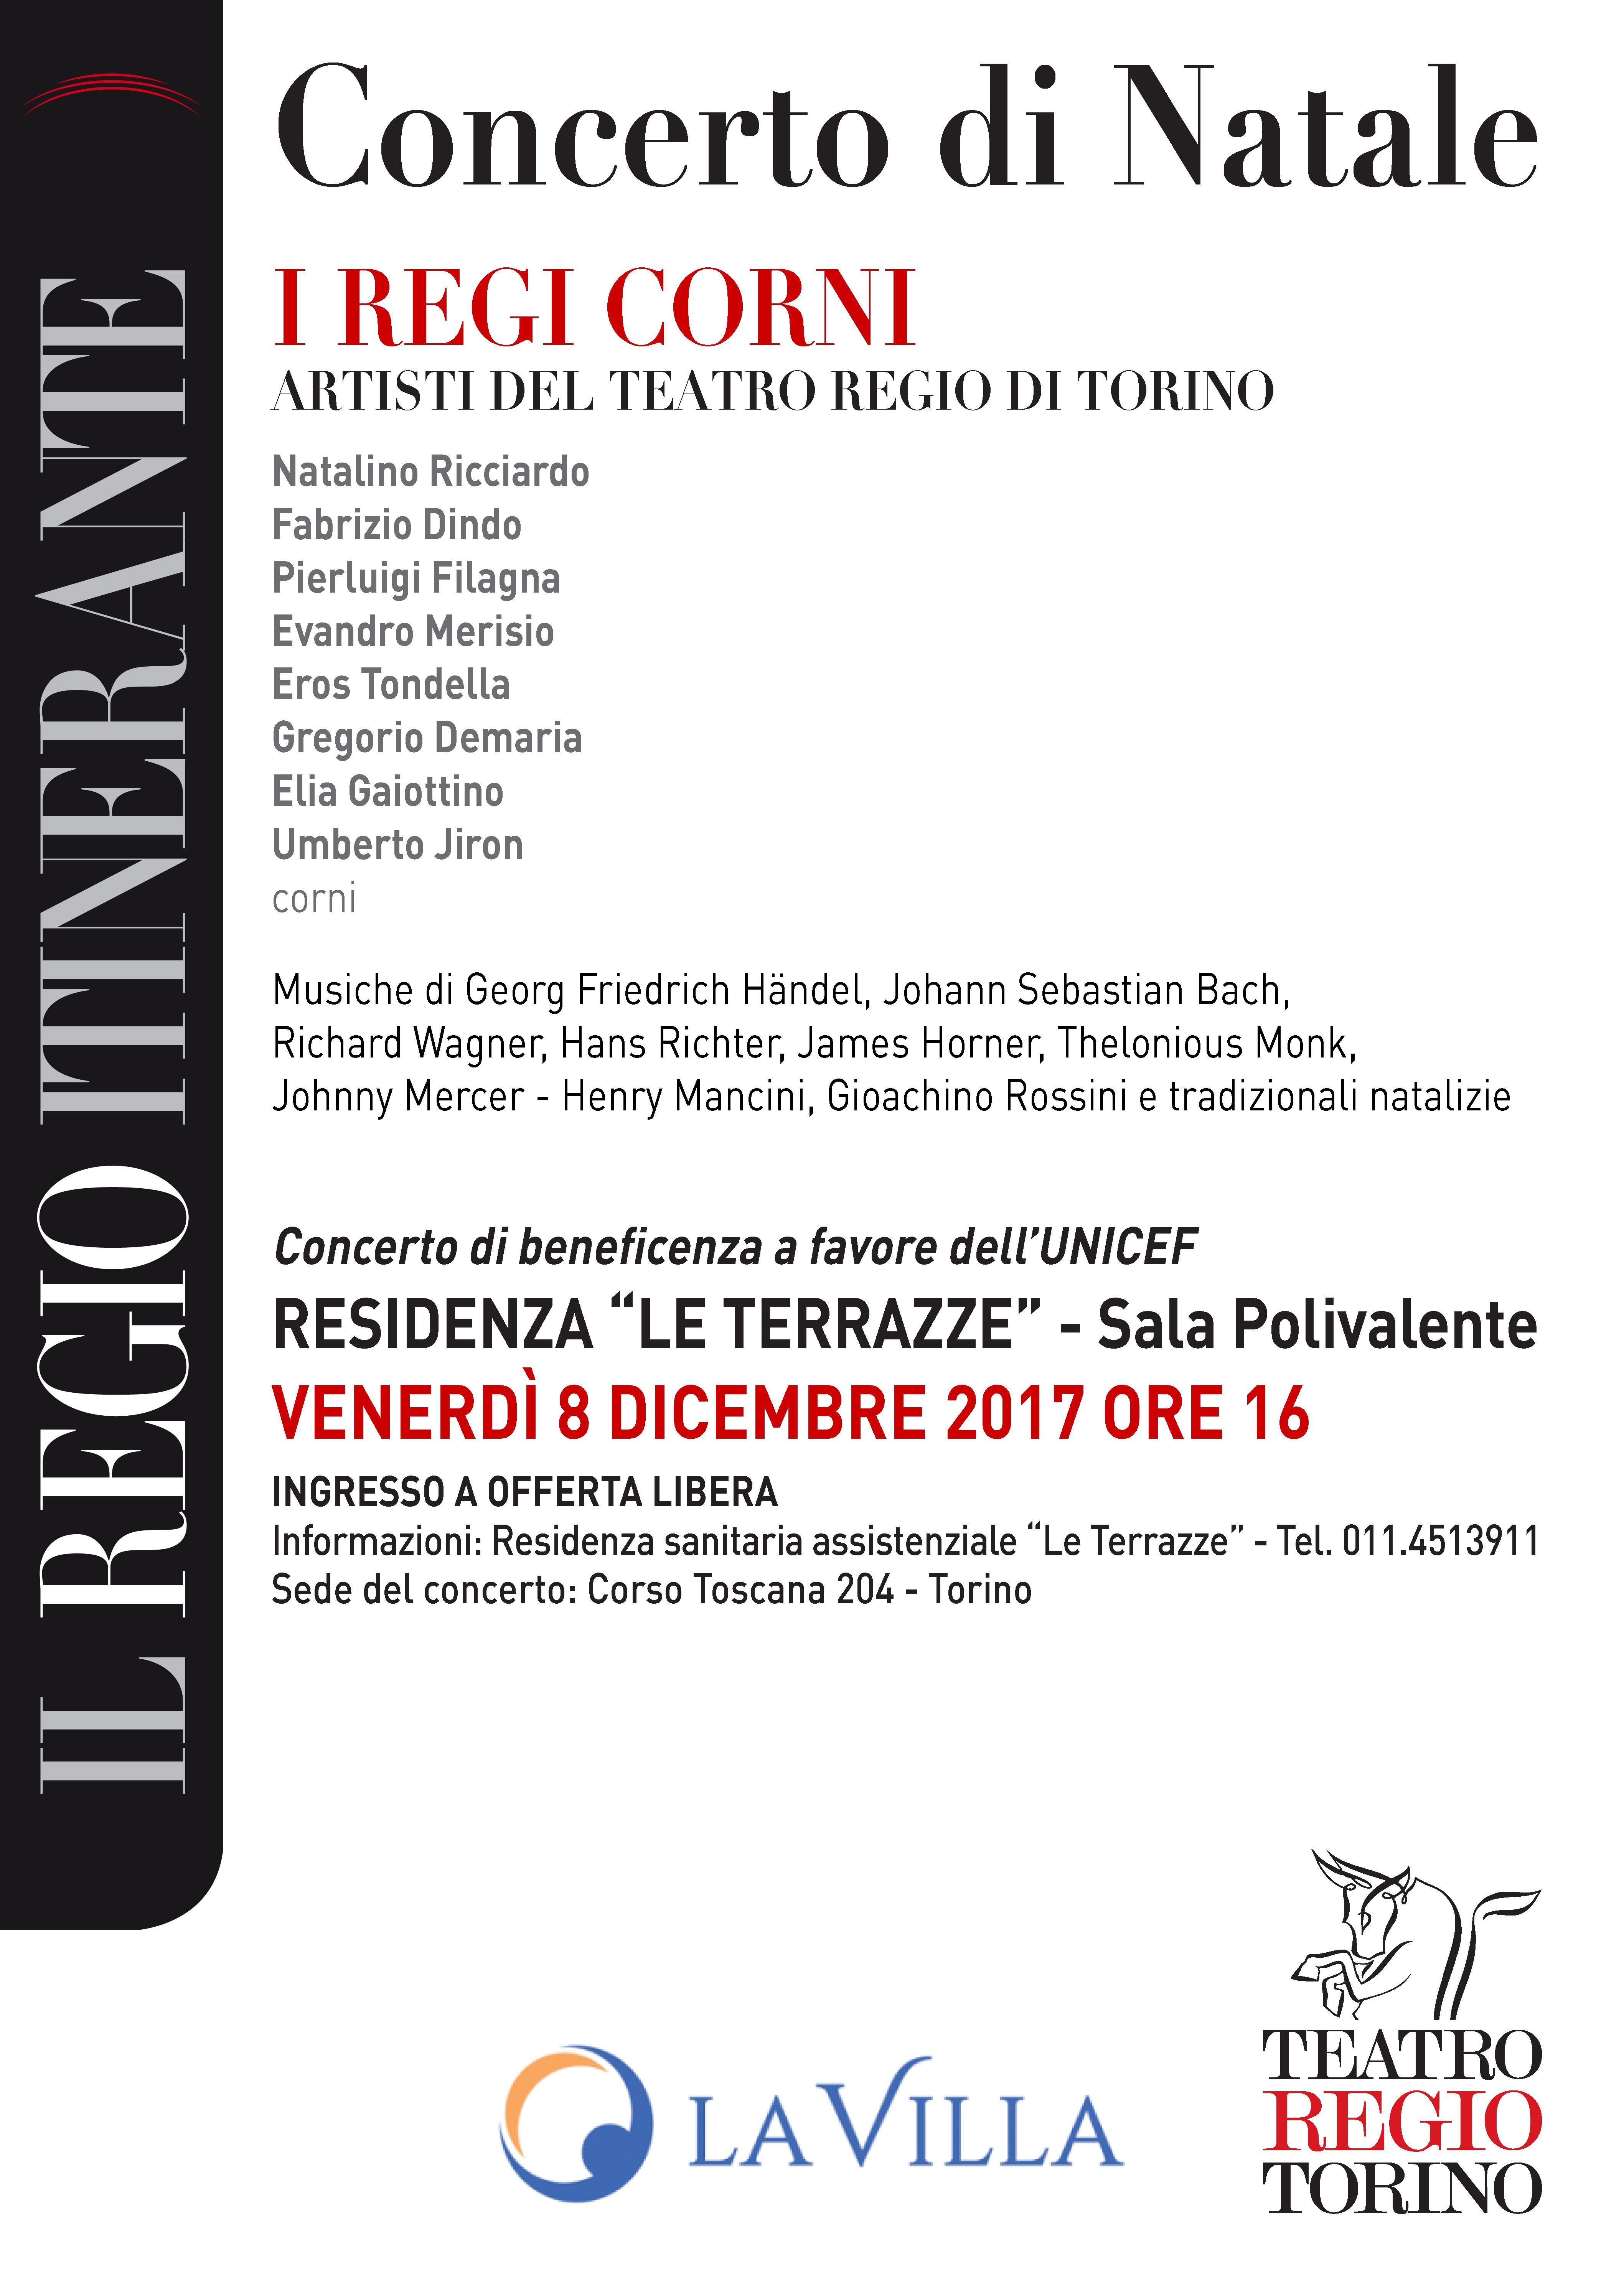 Concerto di Natale – I REGI CORNI  – ARTISTI DEL TEATRO REGIO DI TORINO